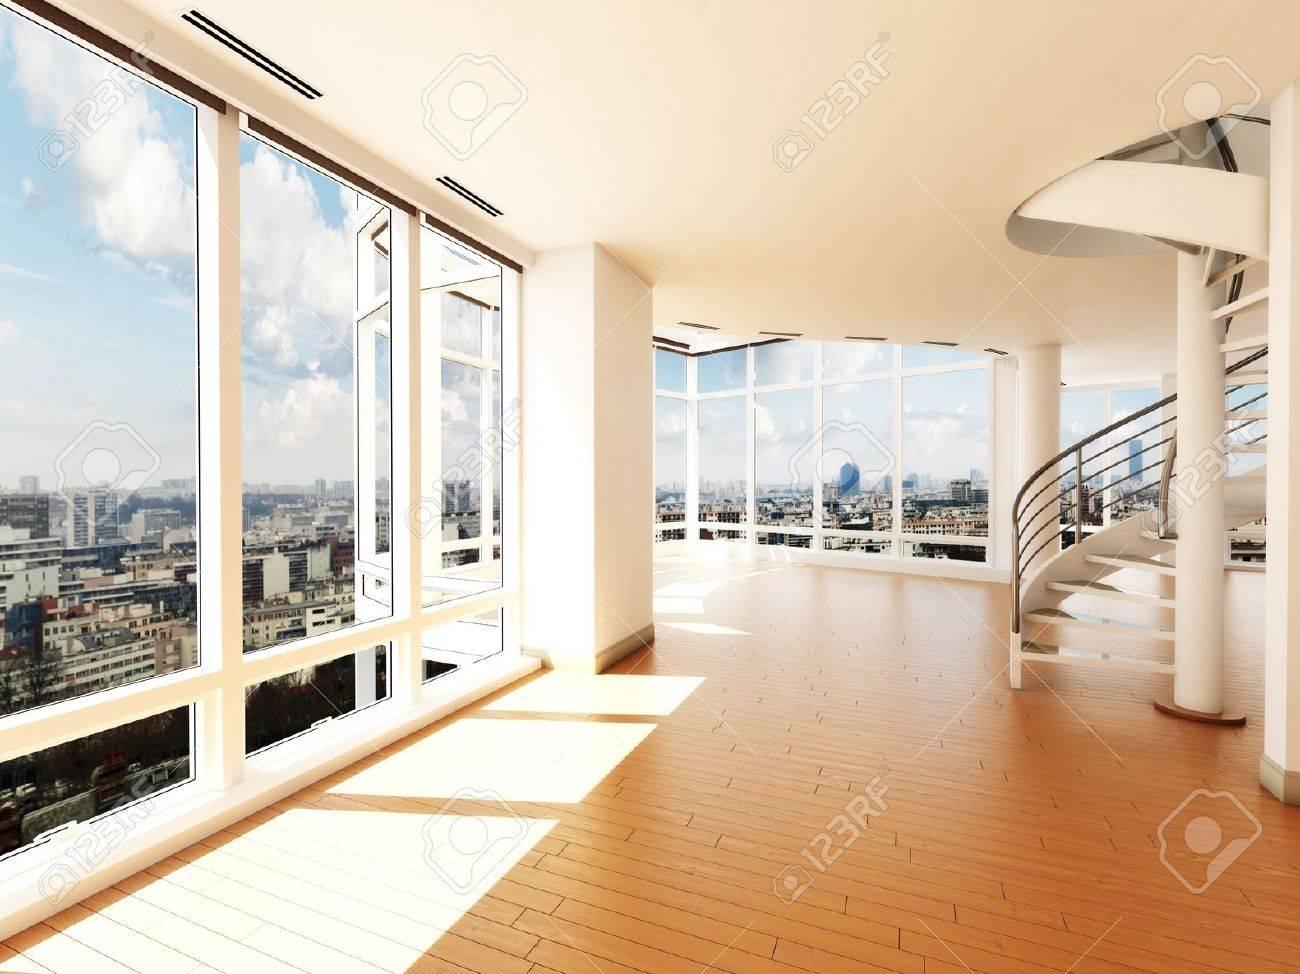 Intérieur moderne avec escalier s surplombant une ville 3d scène modèle